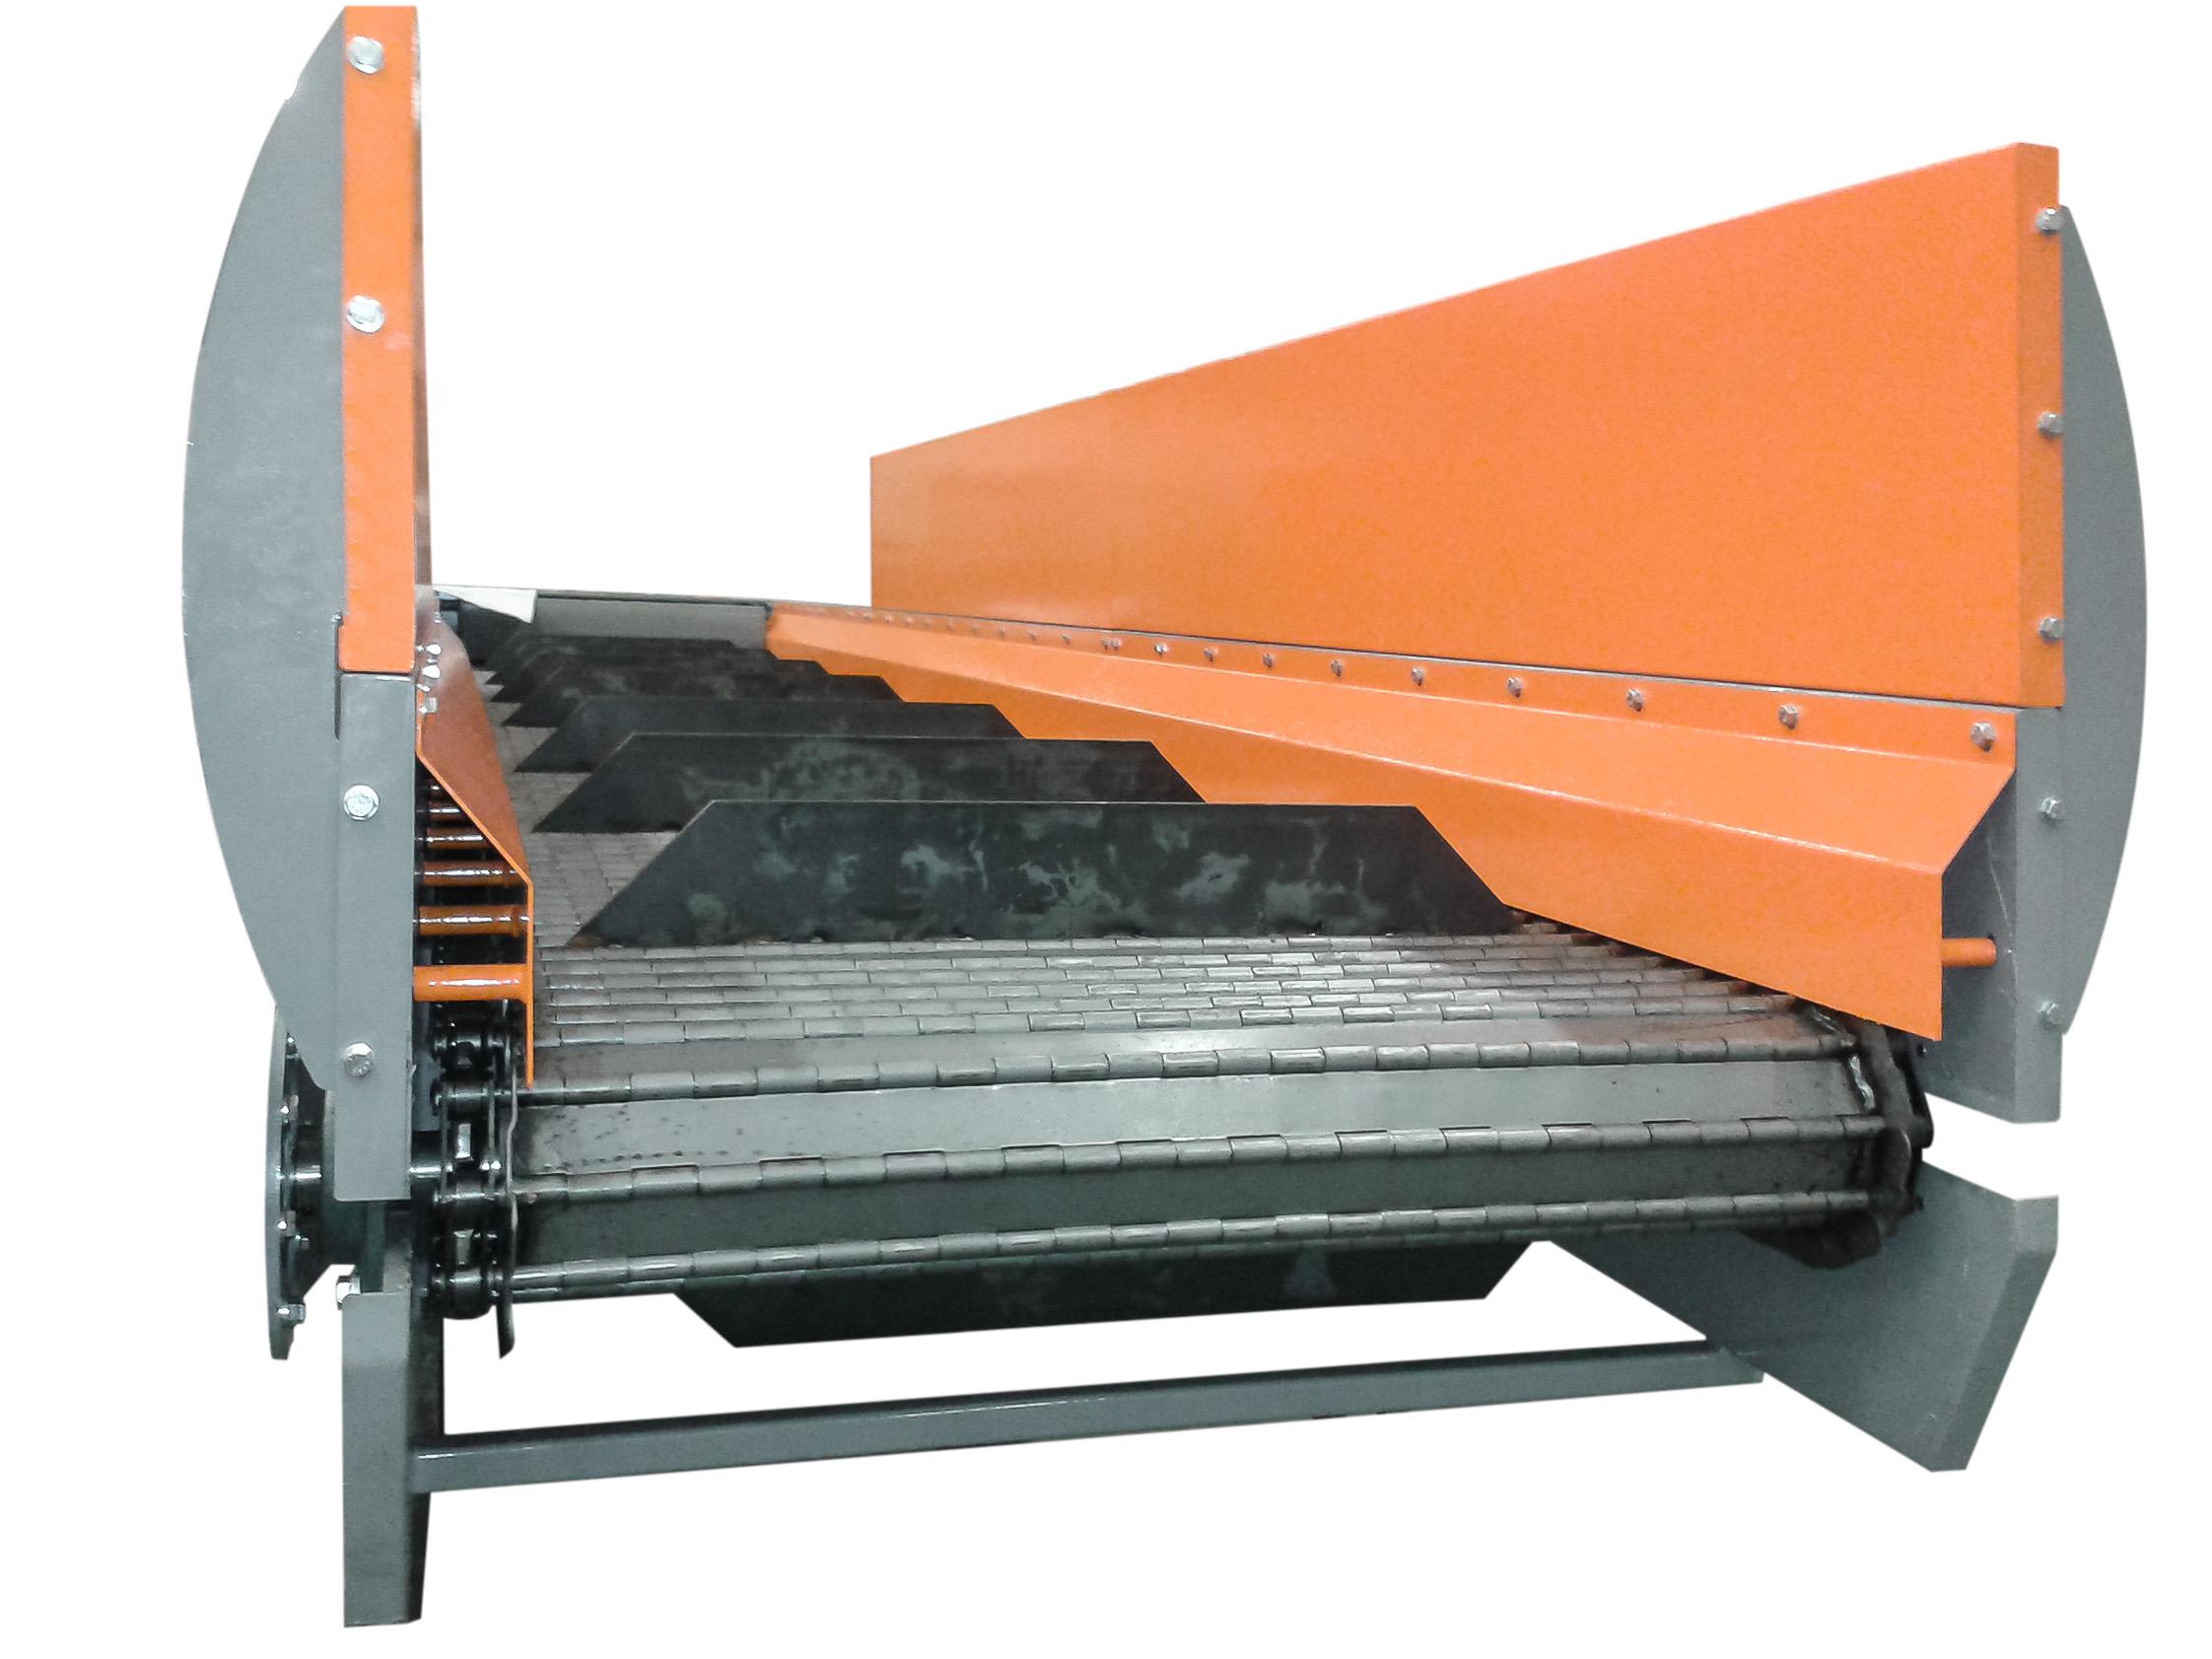 Metal conveyors